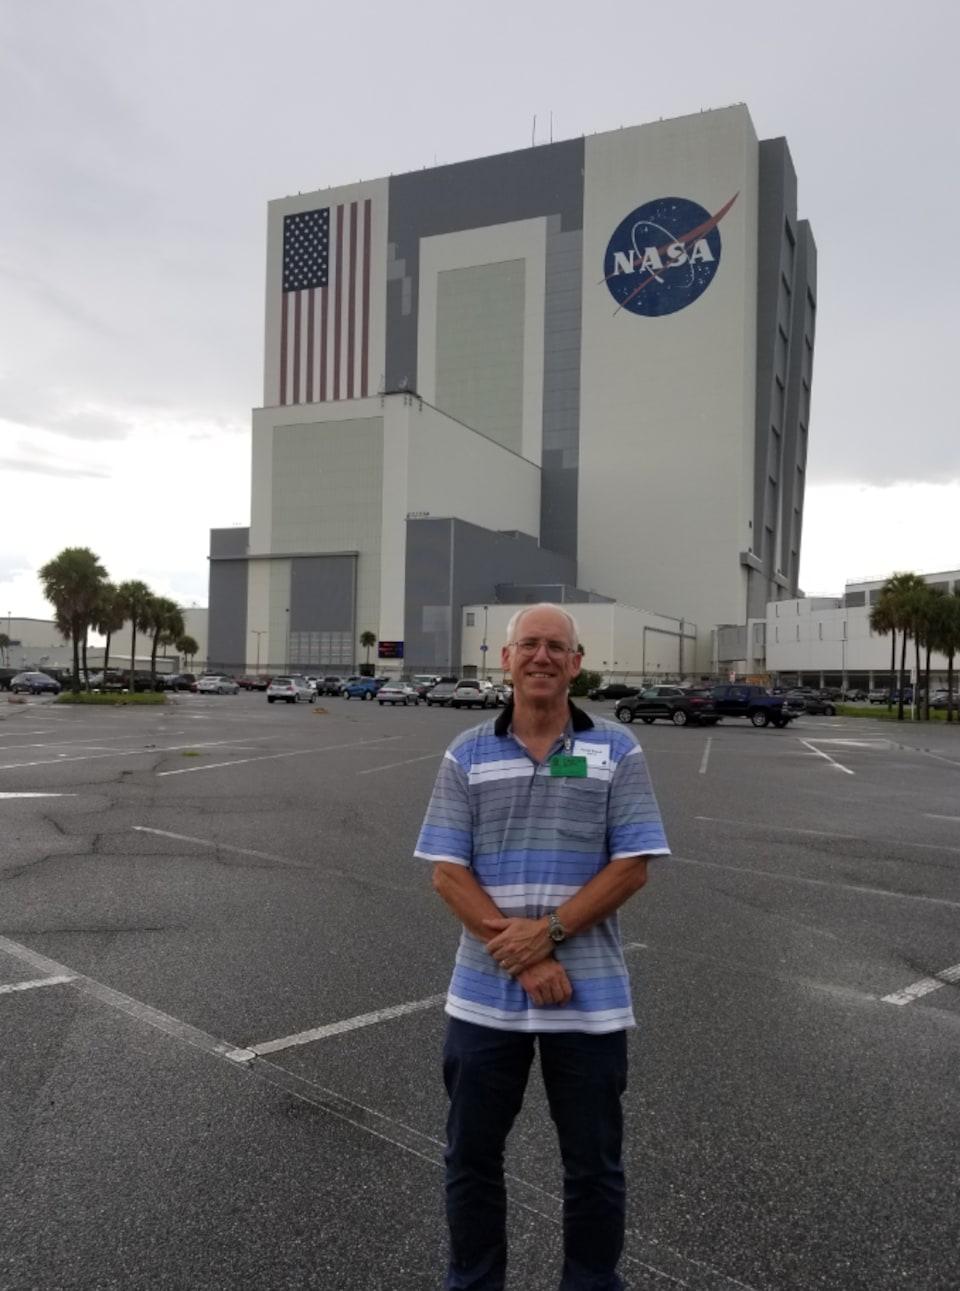 David Brault devant le centre spatial, en Floride.